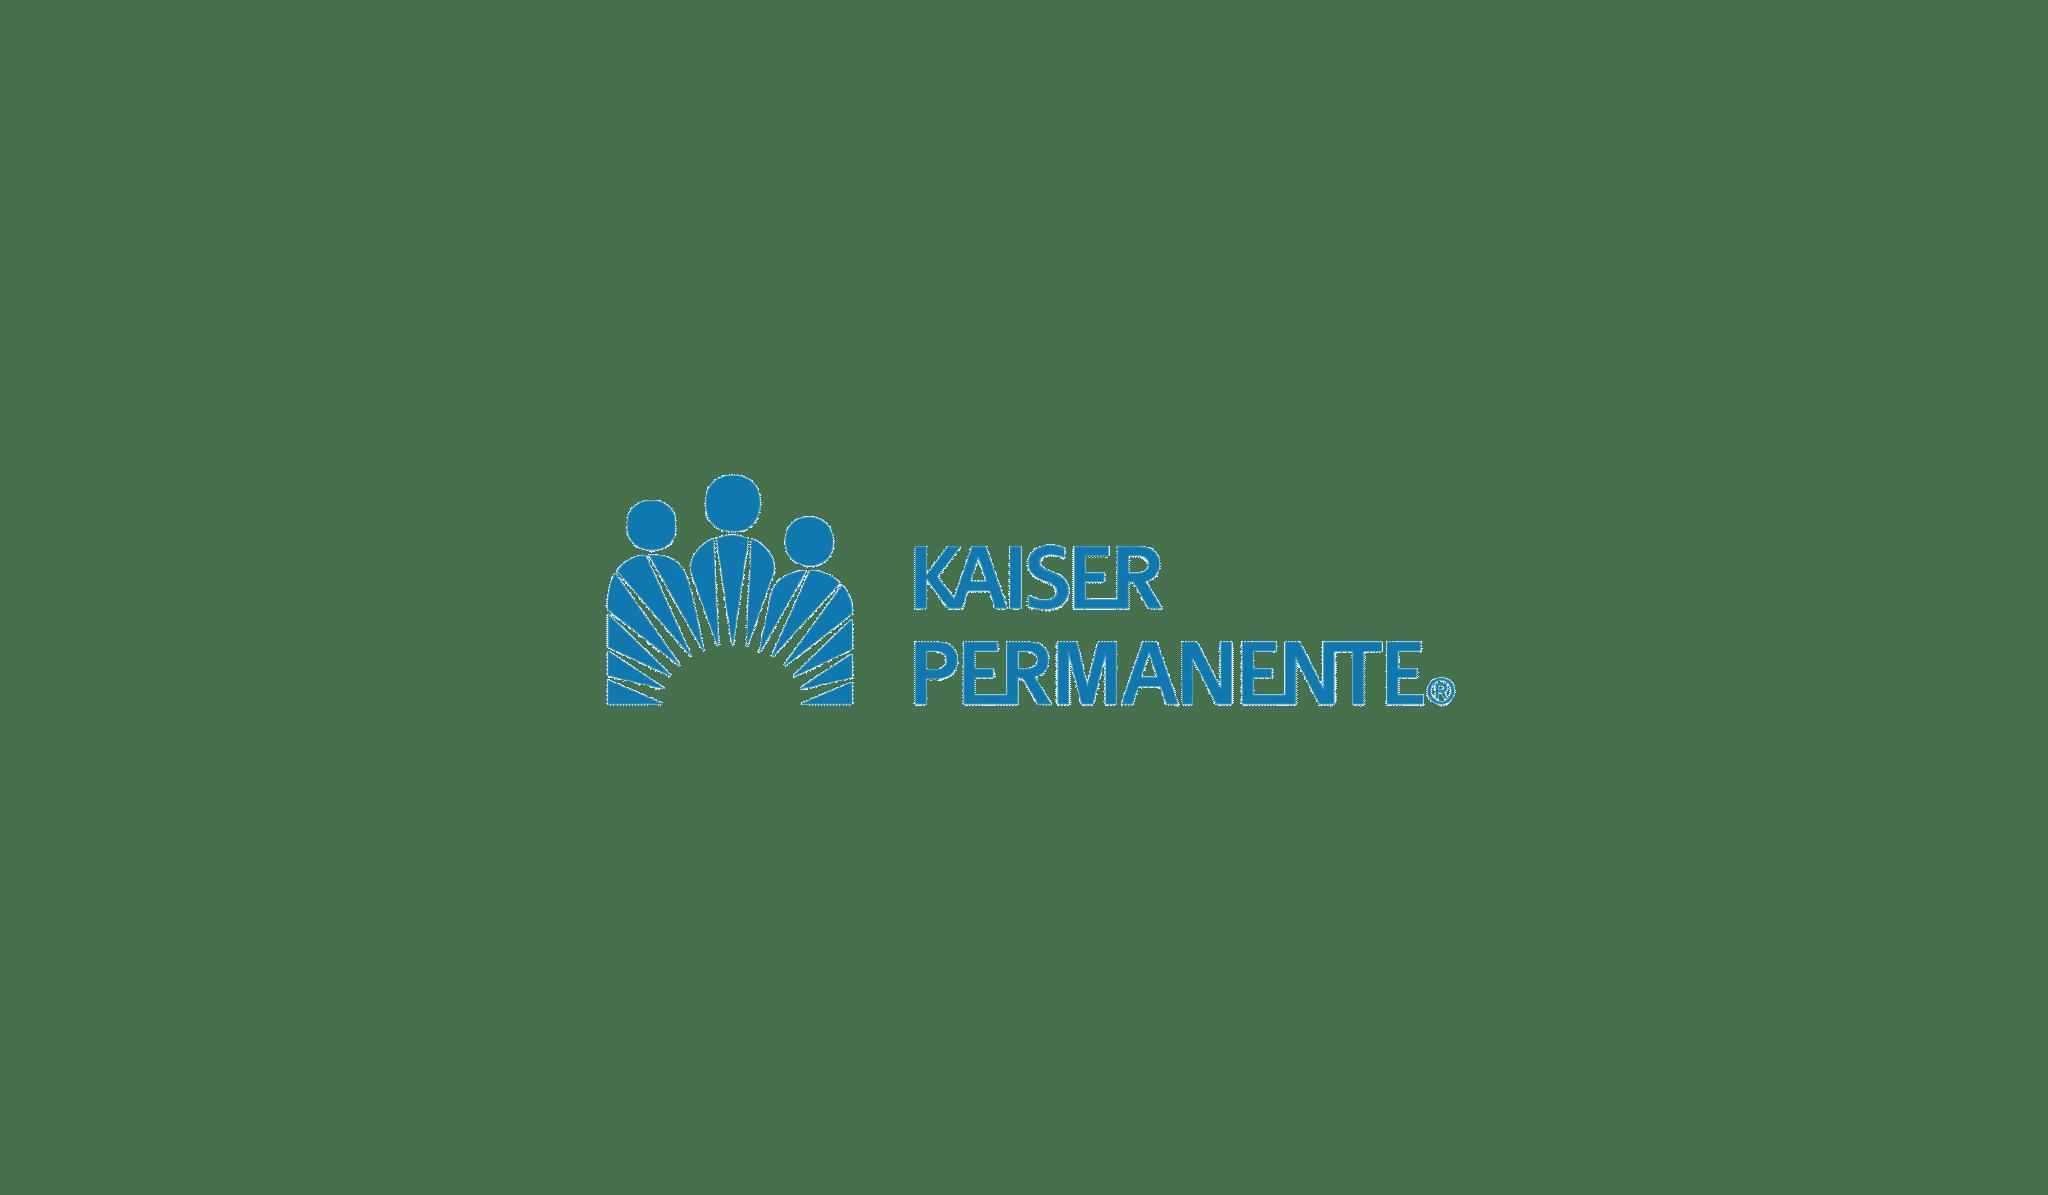 kaiser_summit